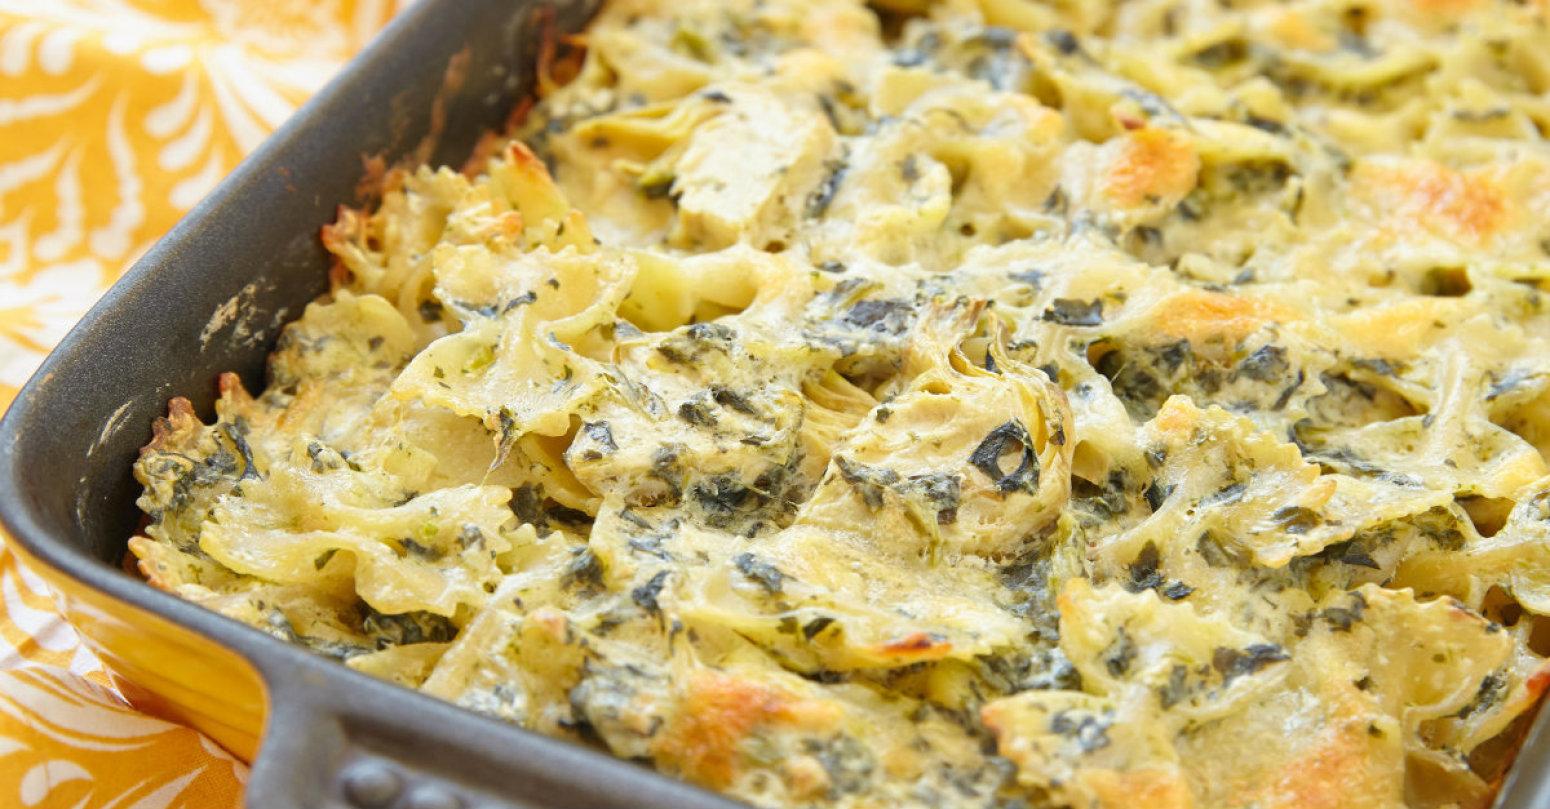 Spinach Artichoke Dip Pasta Recipe 4 | Just A Pinch Recipes